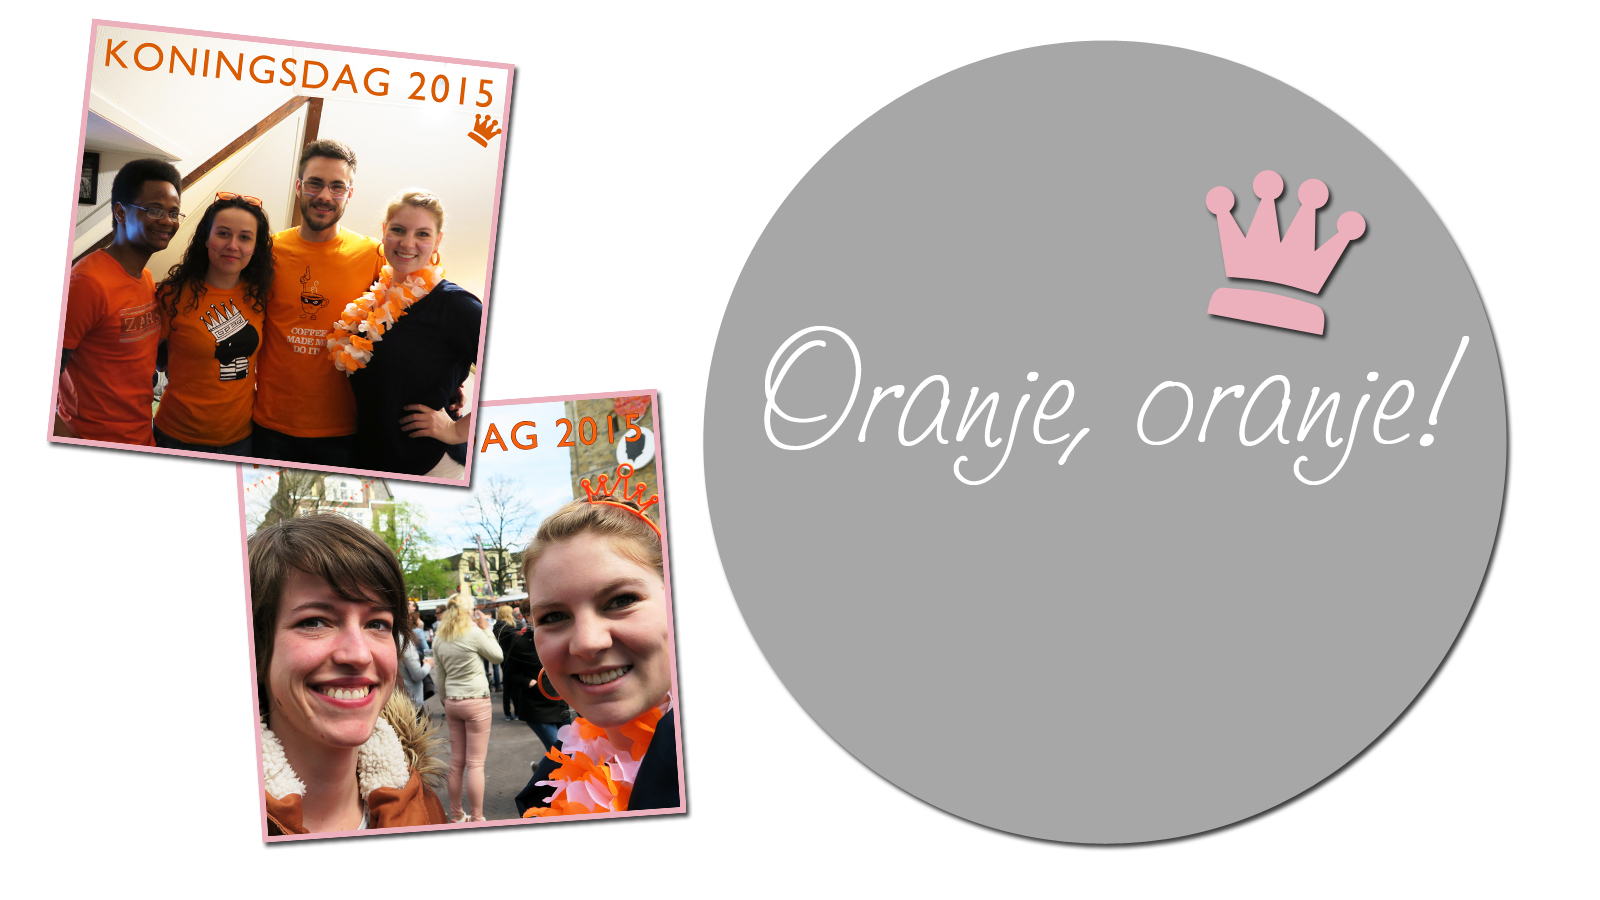 Oranje, oranje! Image